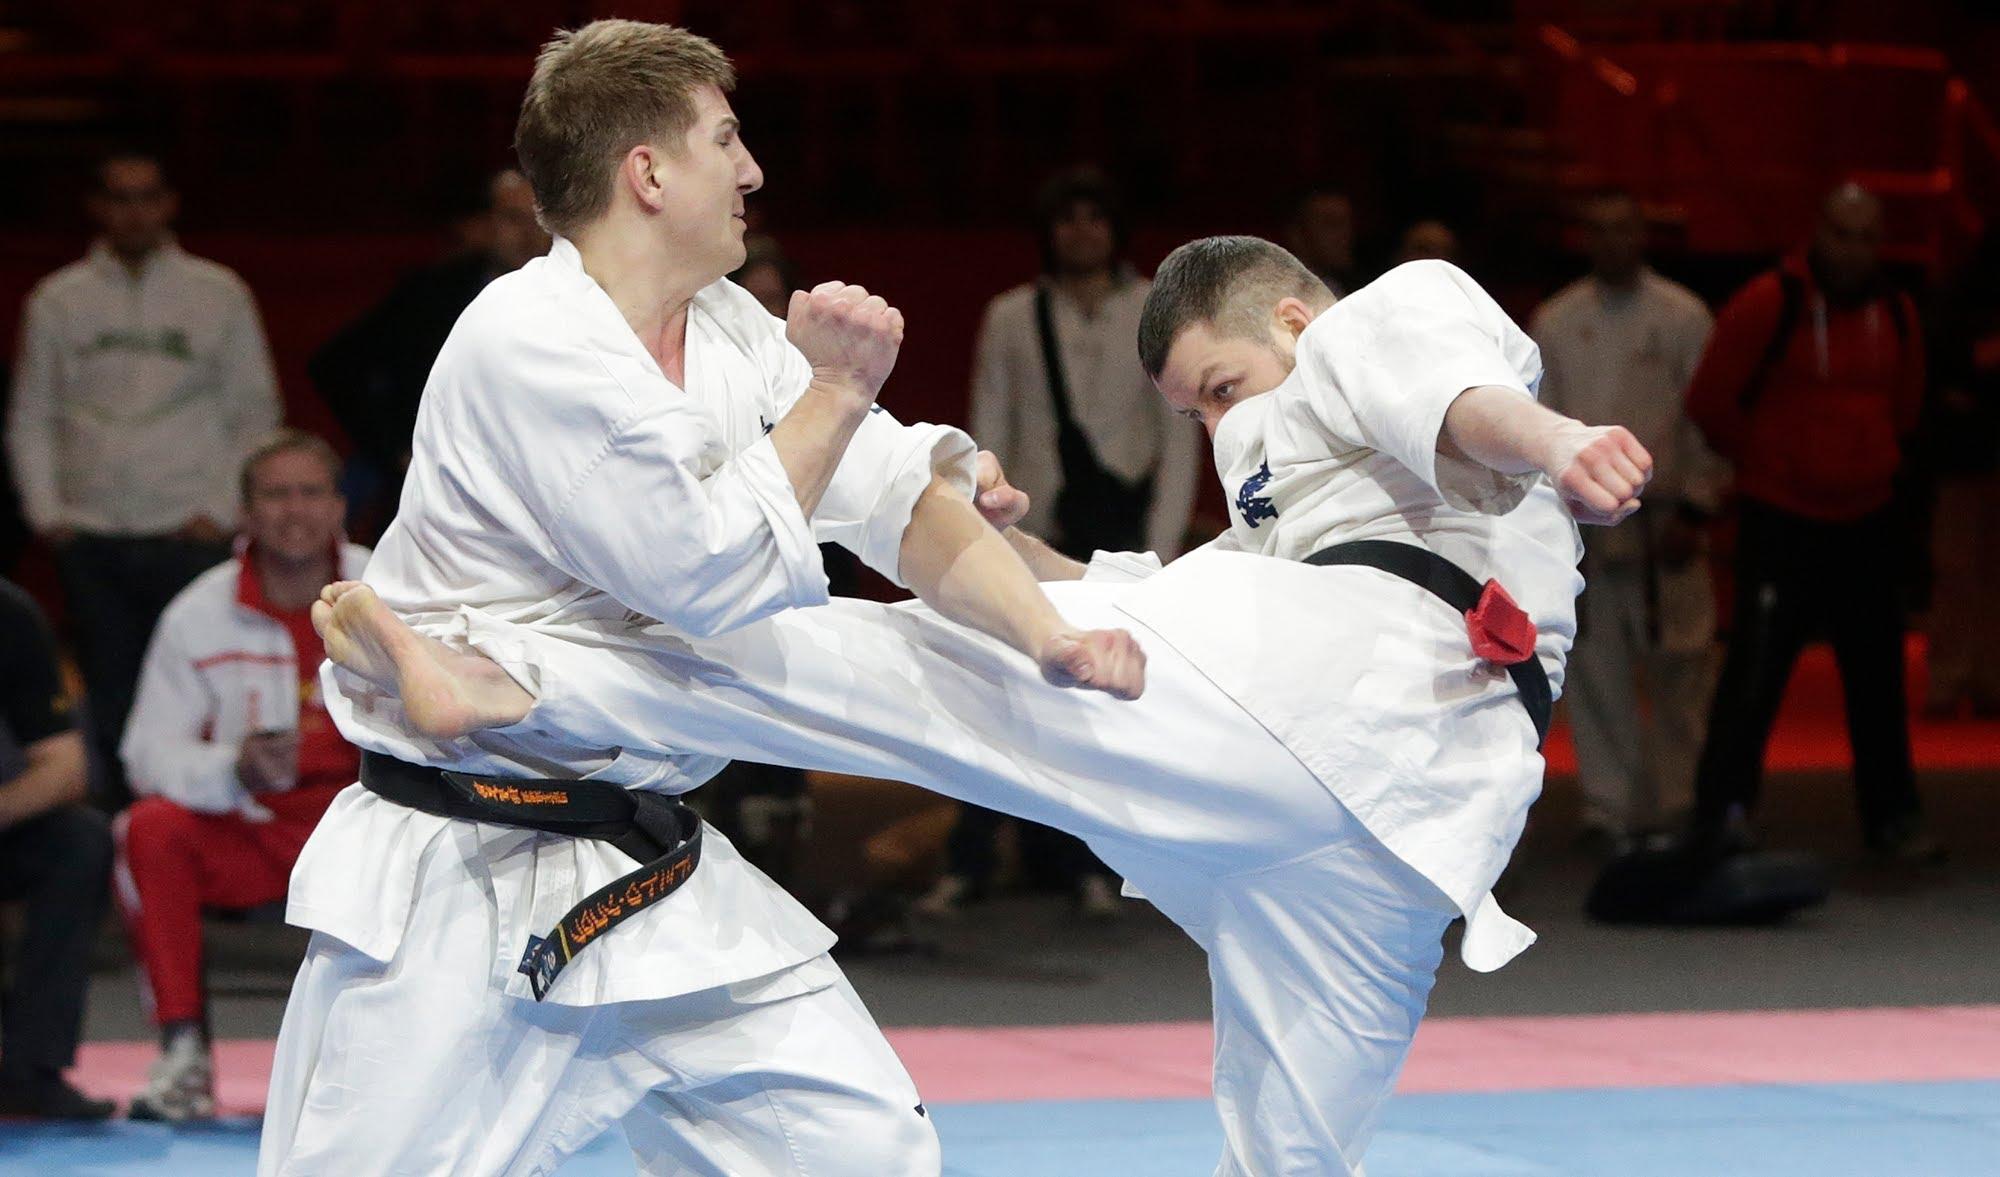 kumite kyokushin, karate shotokan vs karate kyokushin